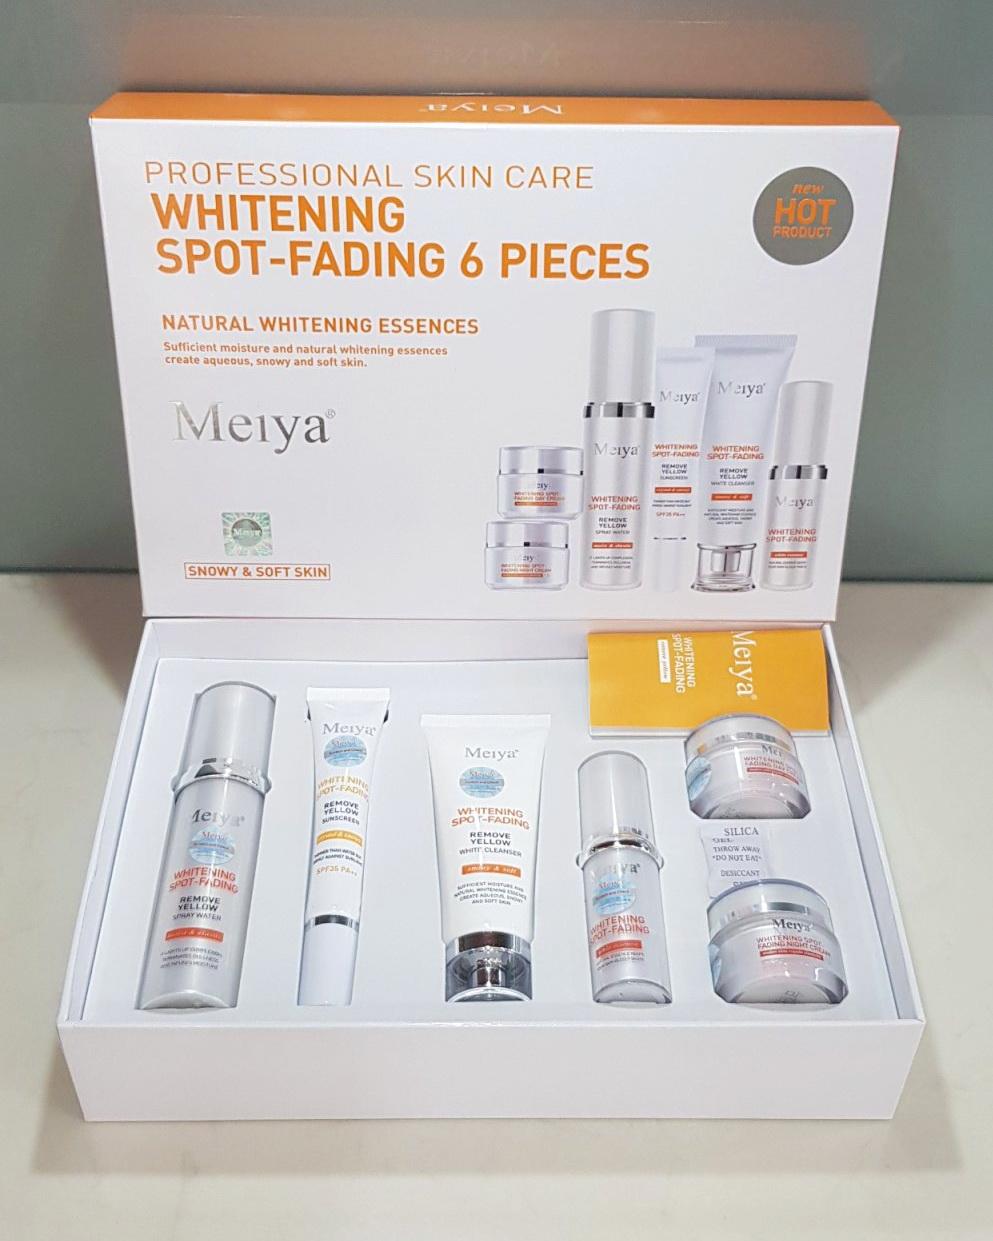 Bộ mỹ phẩm Meiya Cam cao cấp 6in1 Nhật Bản mới trị nám tàn nhang kết hợp làm trắng da